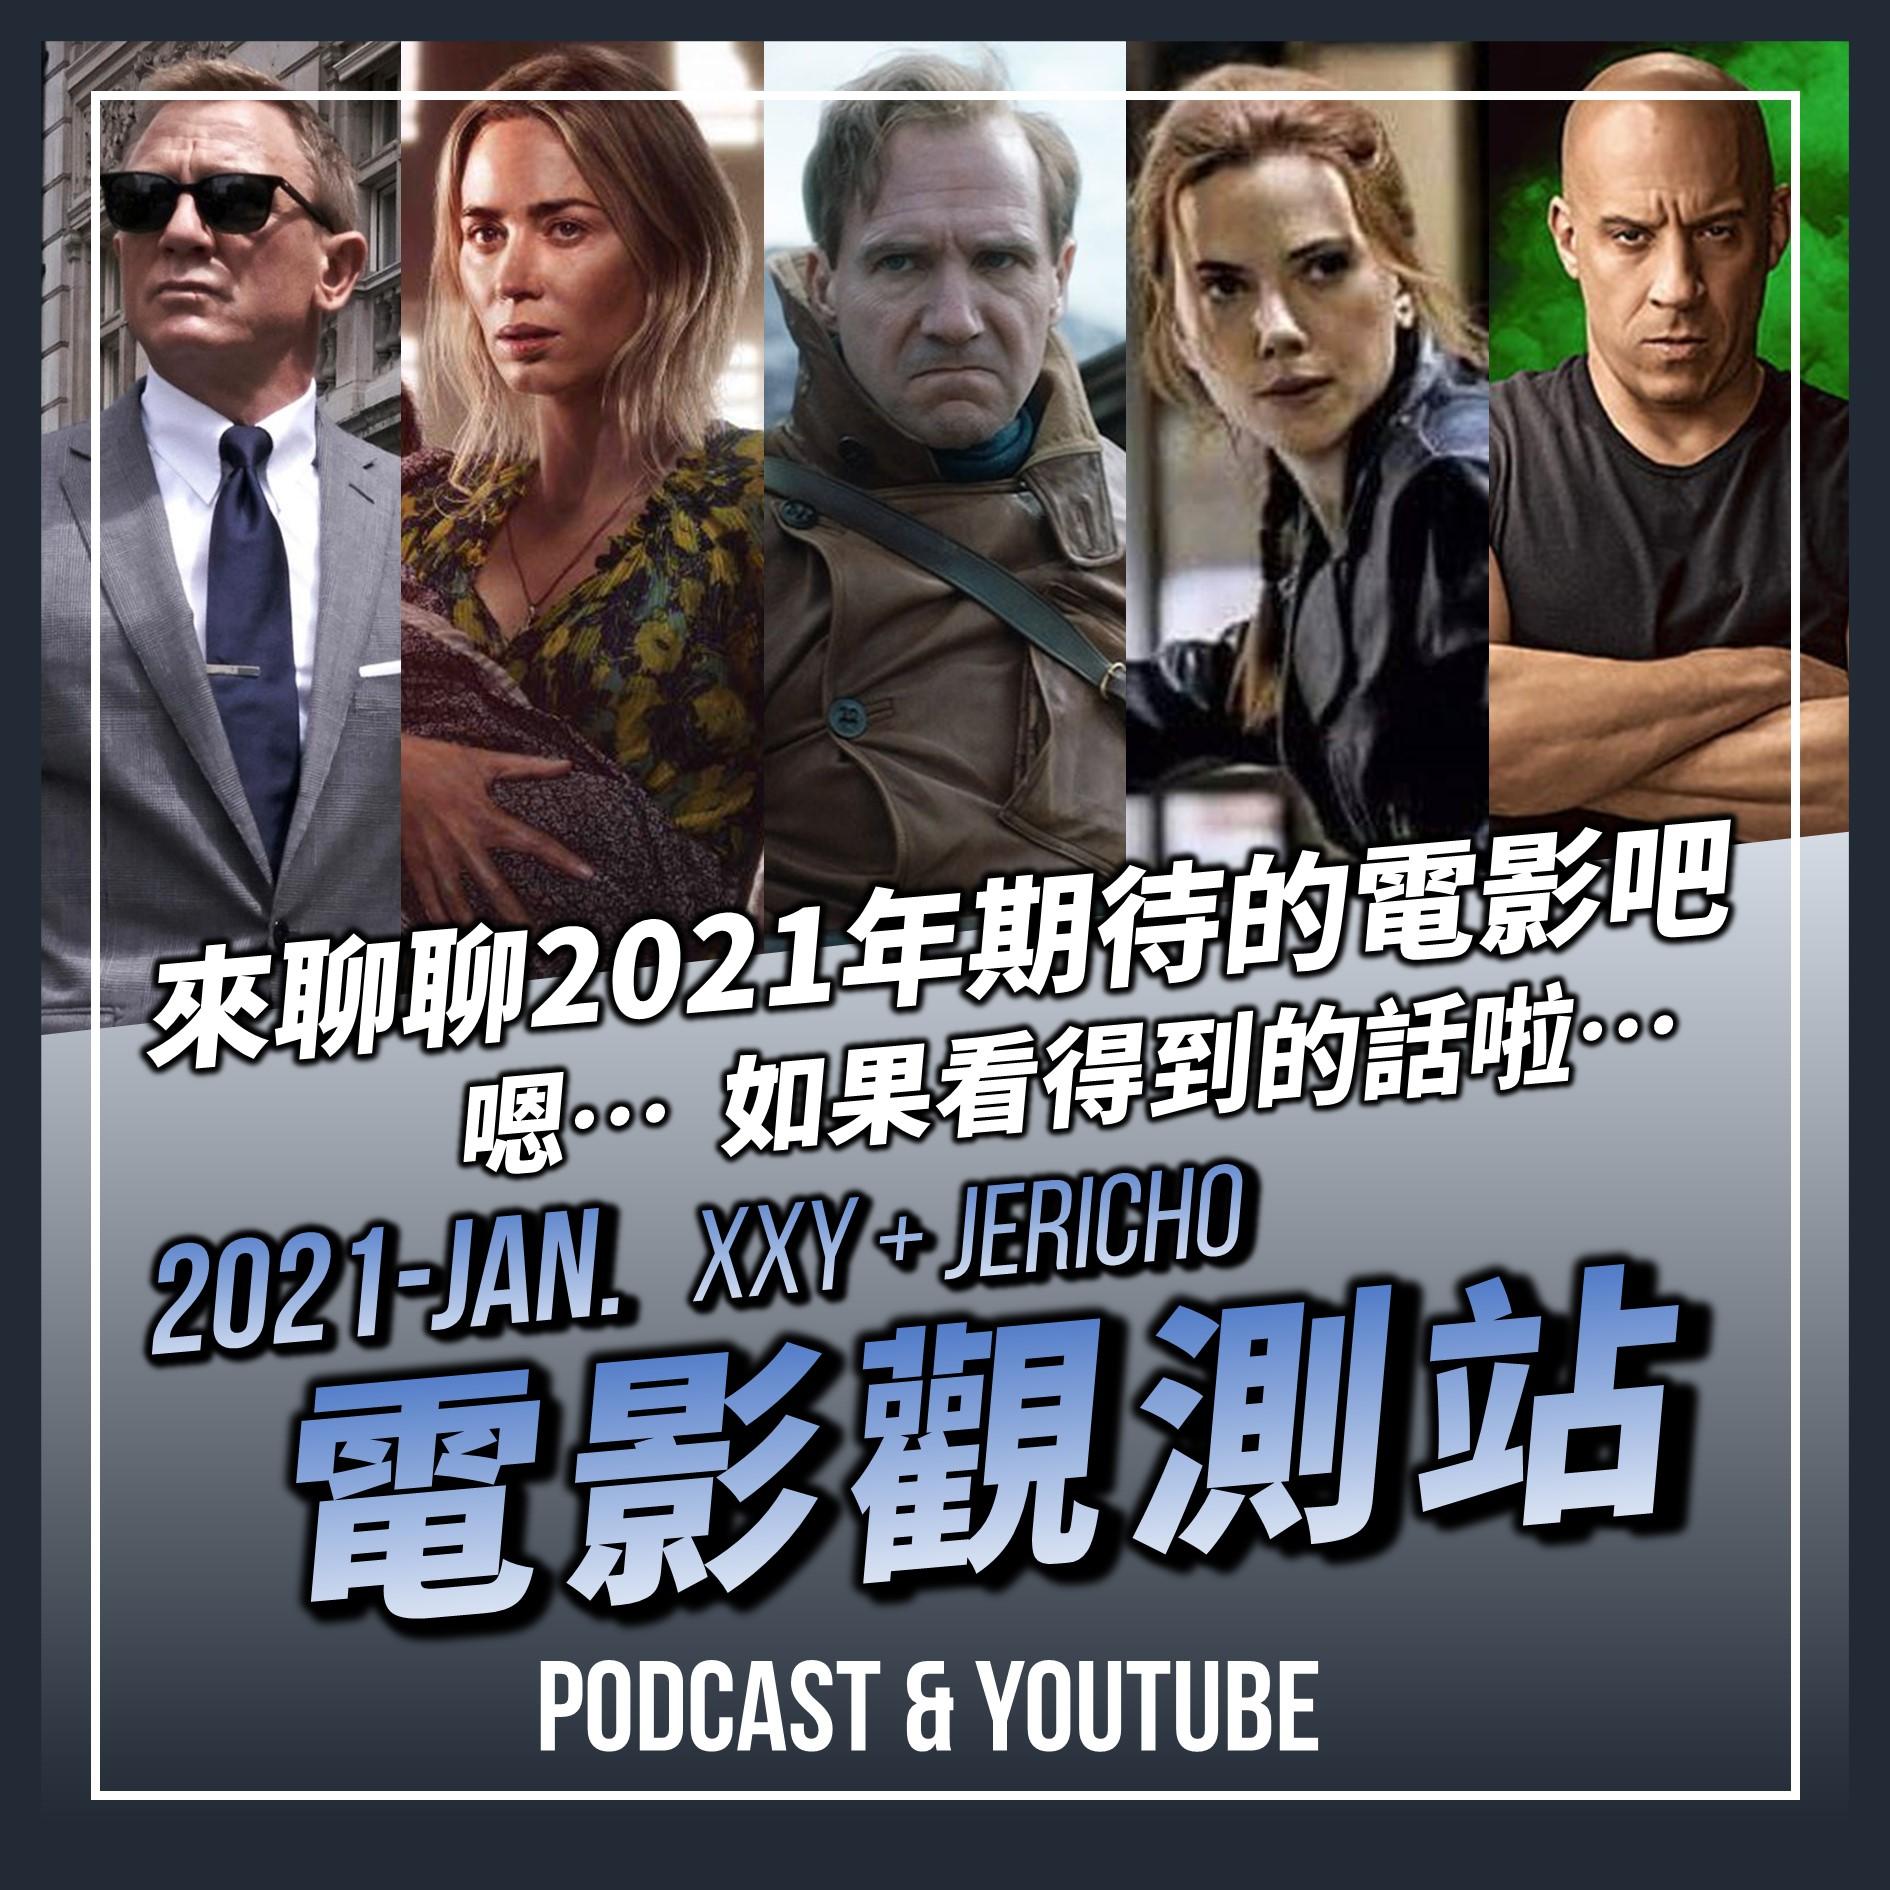 【電影觀測站】來聊聊2021年期待的電影吧!嗯... 如果看得到的話啦... | 2021-JAN 院線電影回顧+票房分析 | XXY + Jericho